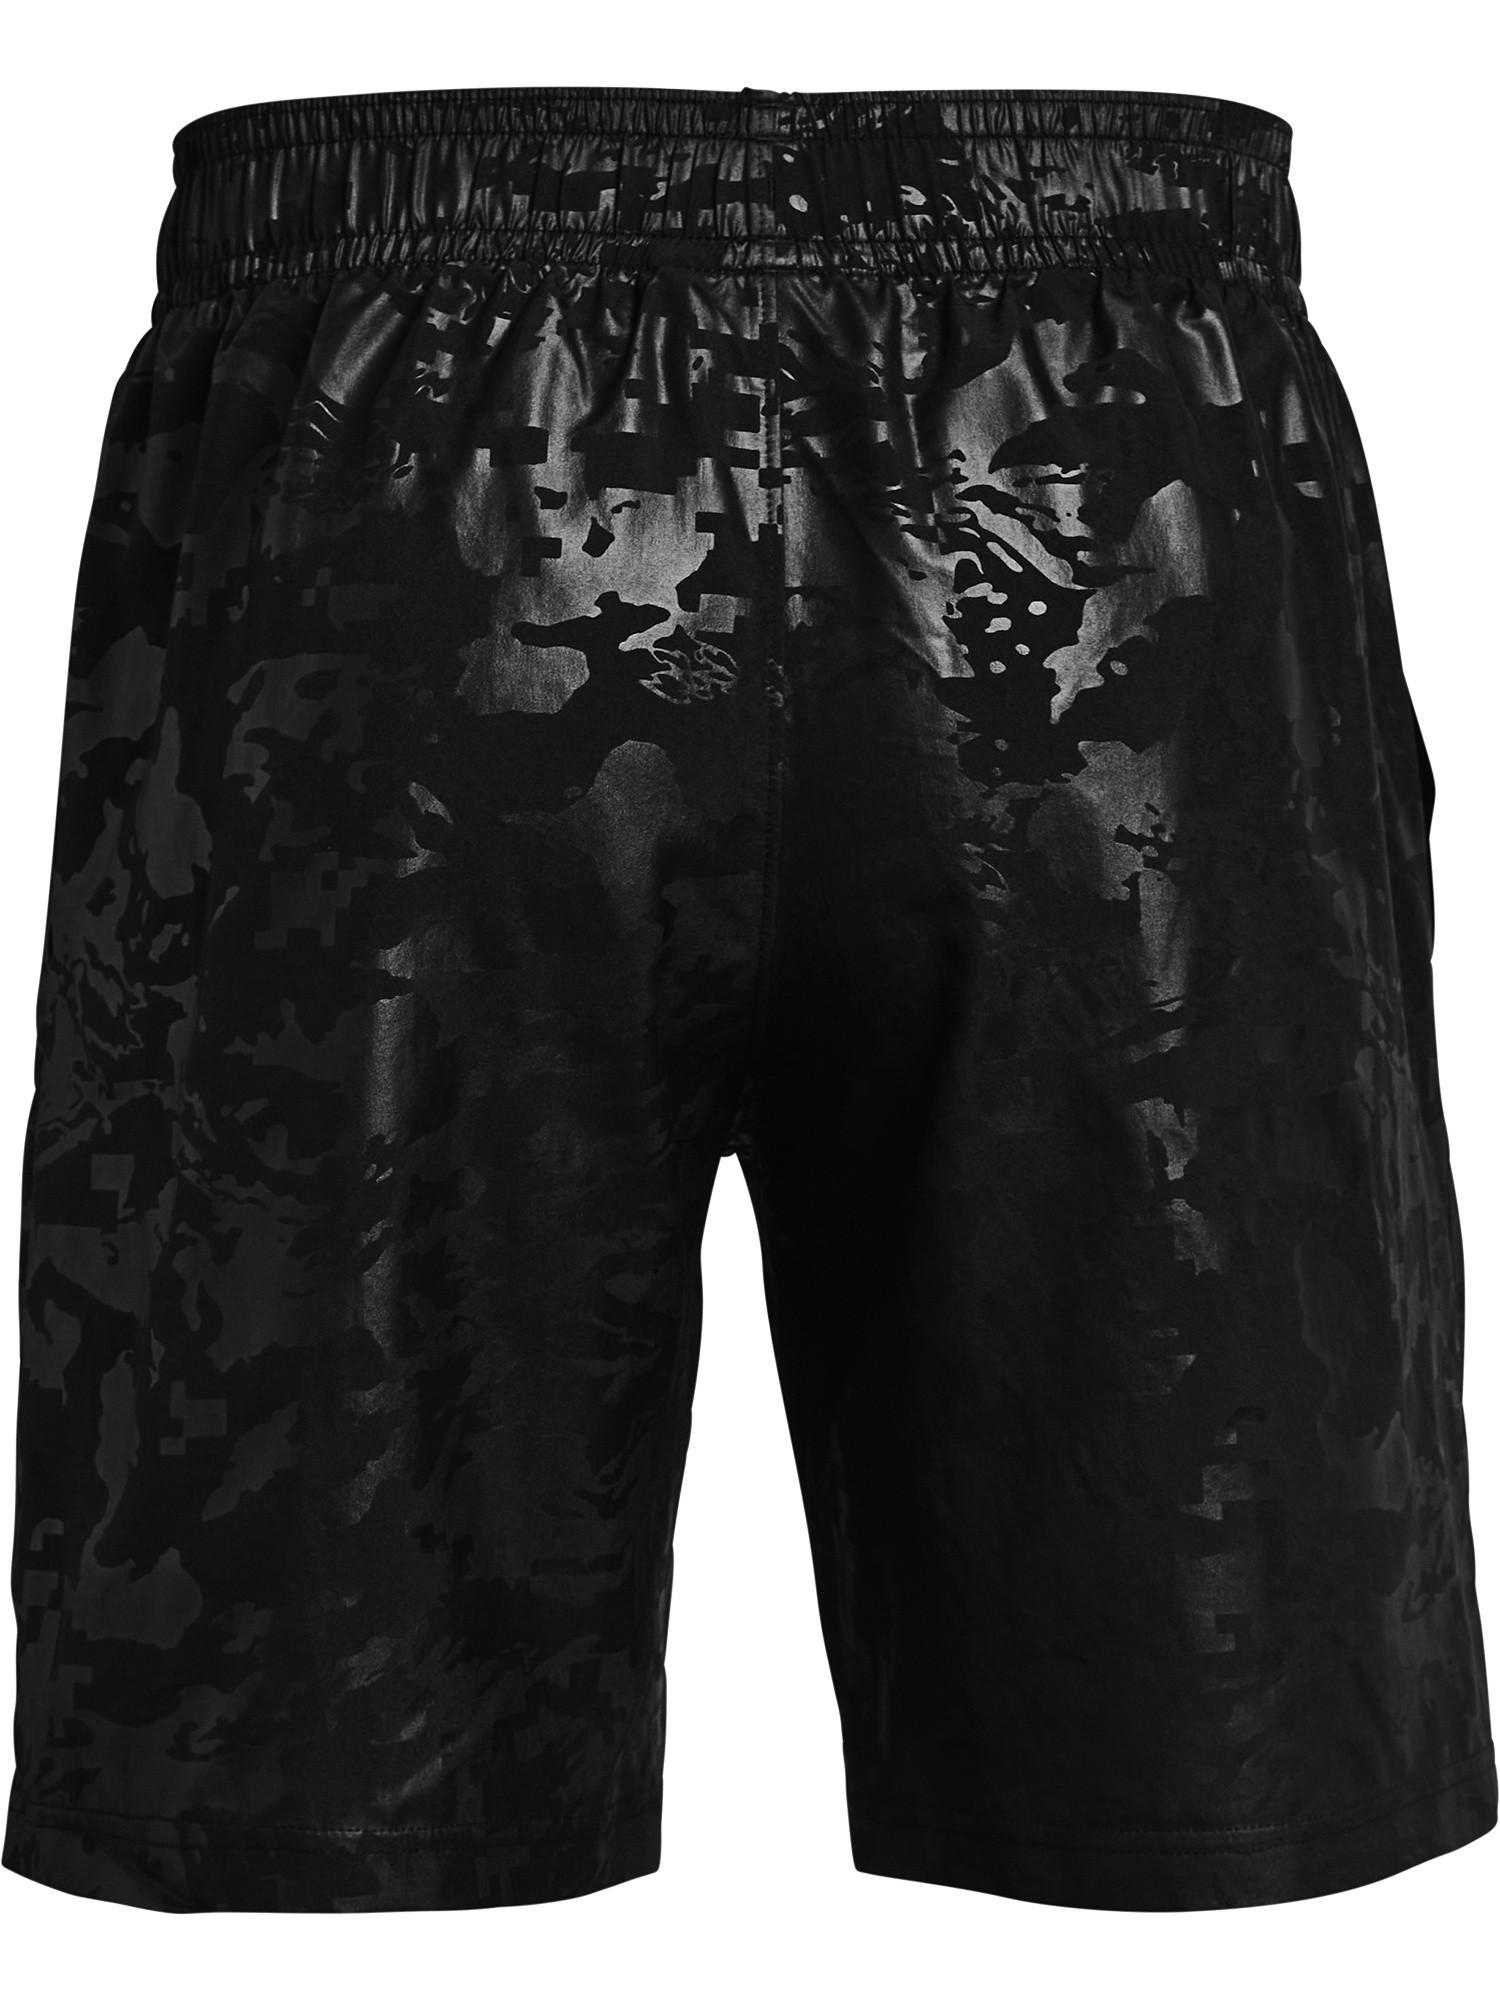 Shorts UA Woven Emboss da uomo, Nero, large image number 1